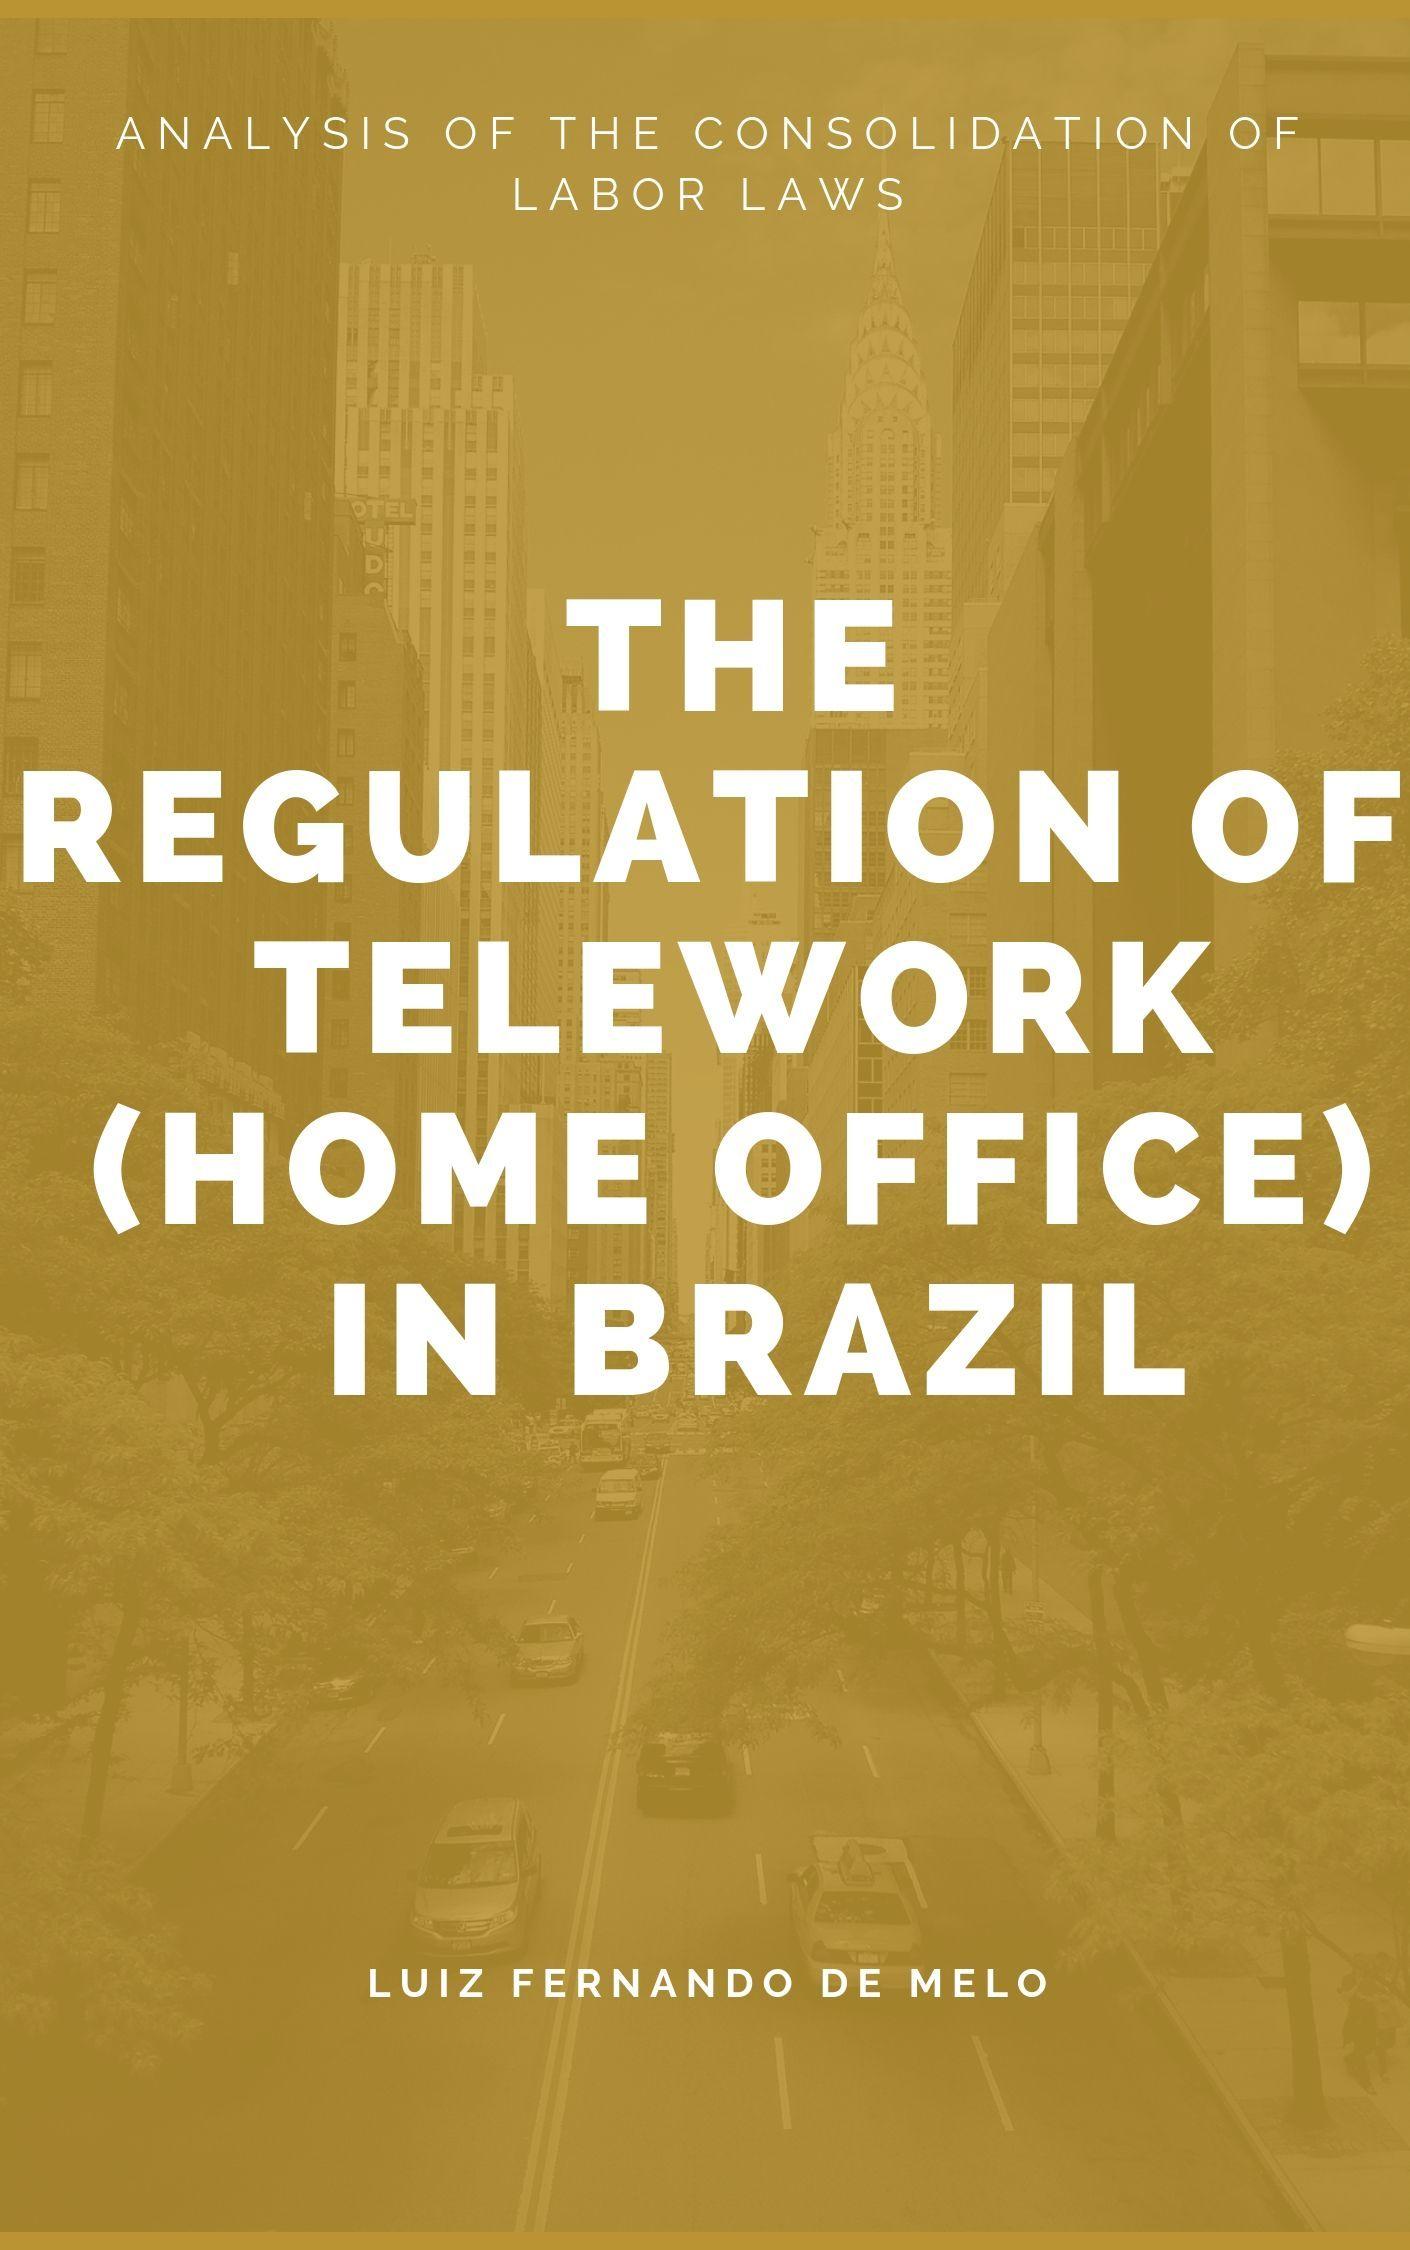 A REGULAMENTAÇÃO DO TELETRABALHO (HOME OFFICE) NO BRASIL, PÓS REFORMA TRABALHISTA